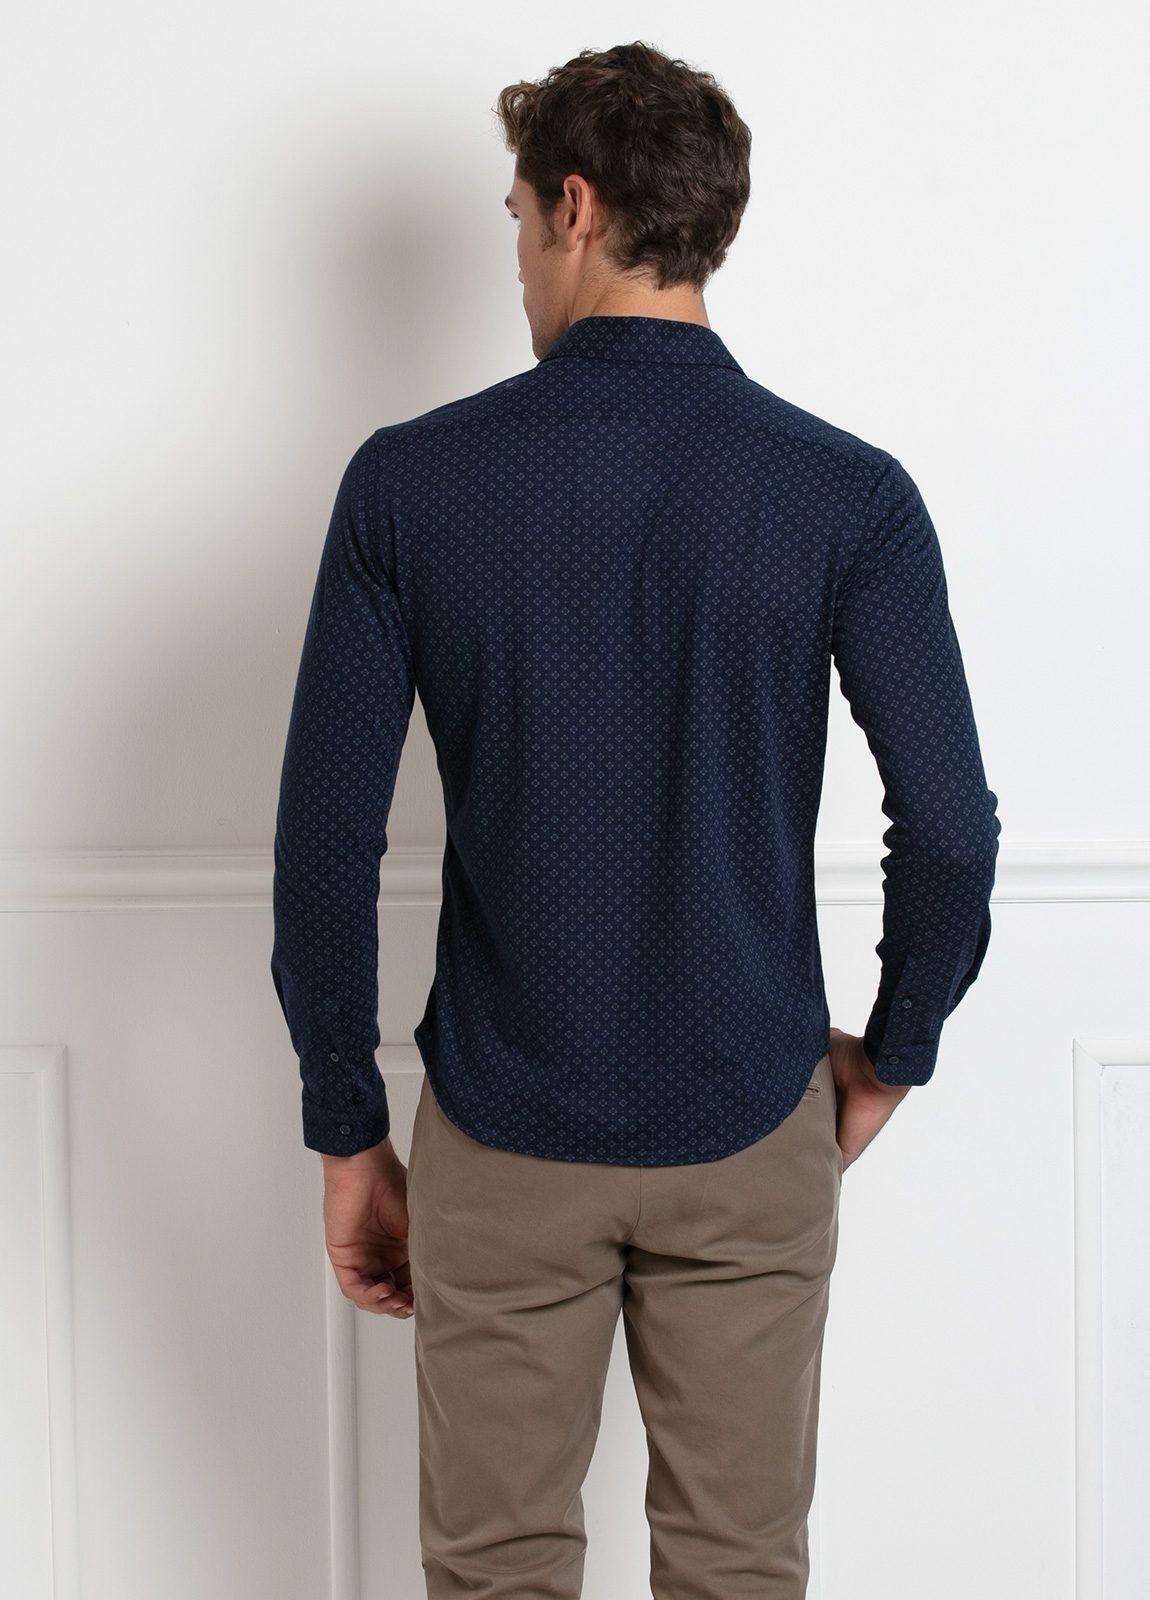 Camisa sport SLIM FIT modelo BLAKE estampado geométrico fondo azul marino, 100% Algodón. - Ítem2